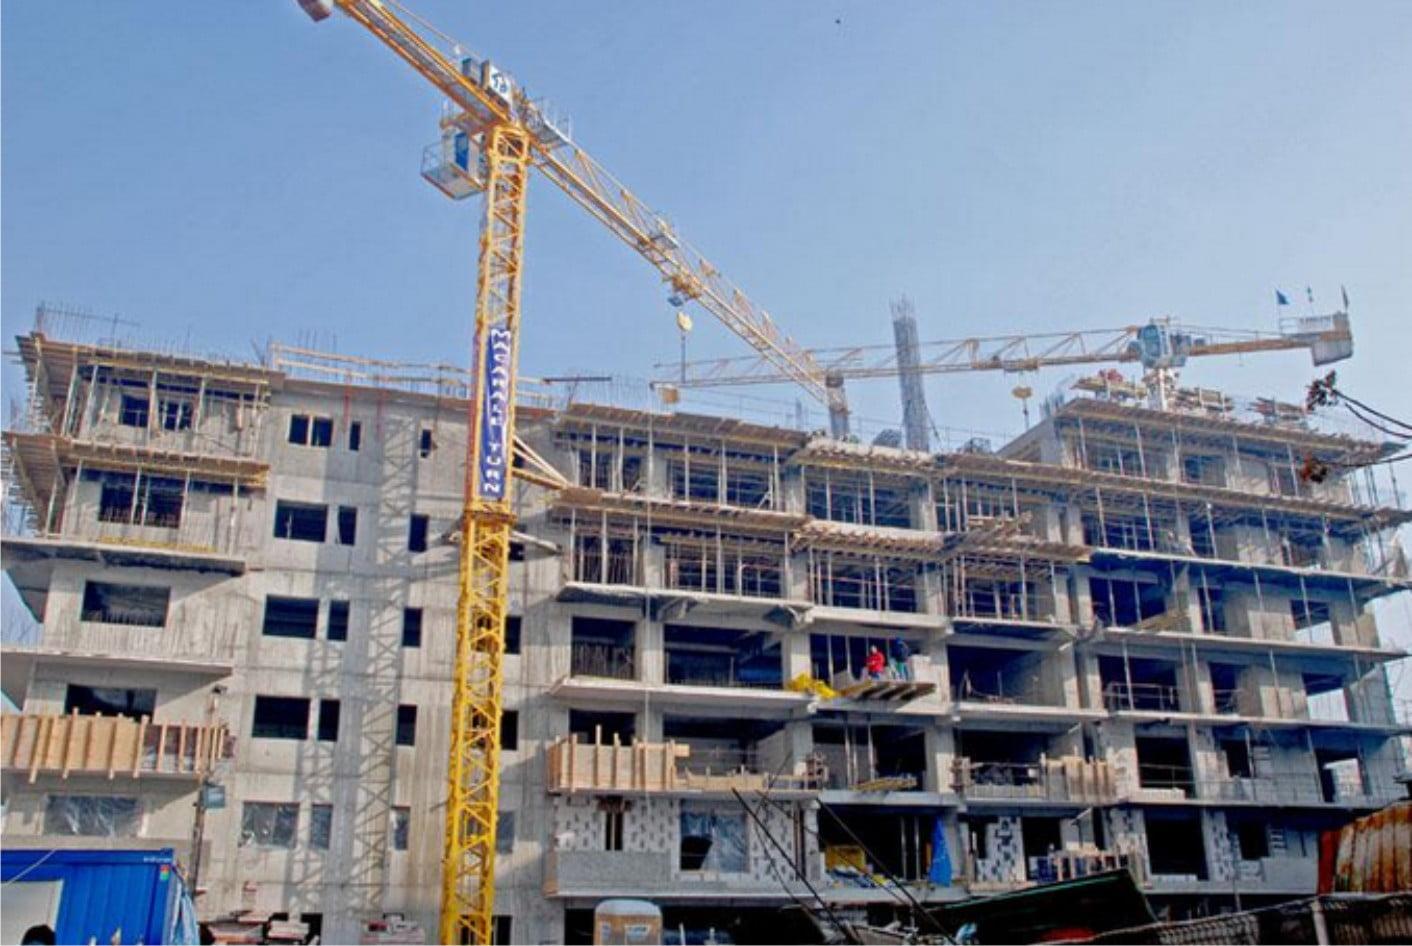 820 de autorizaţii de construcţie s-au eliberat în 2012